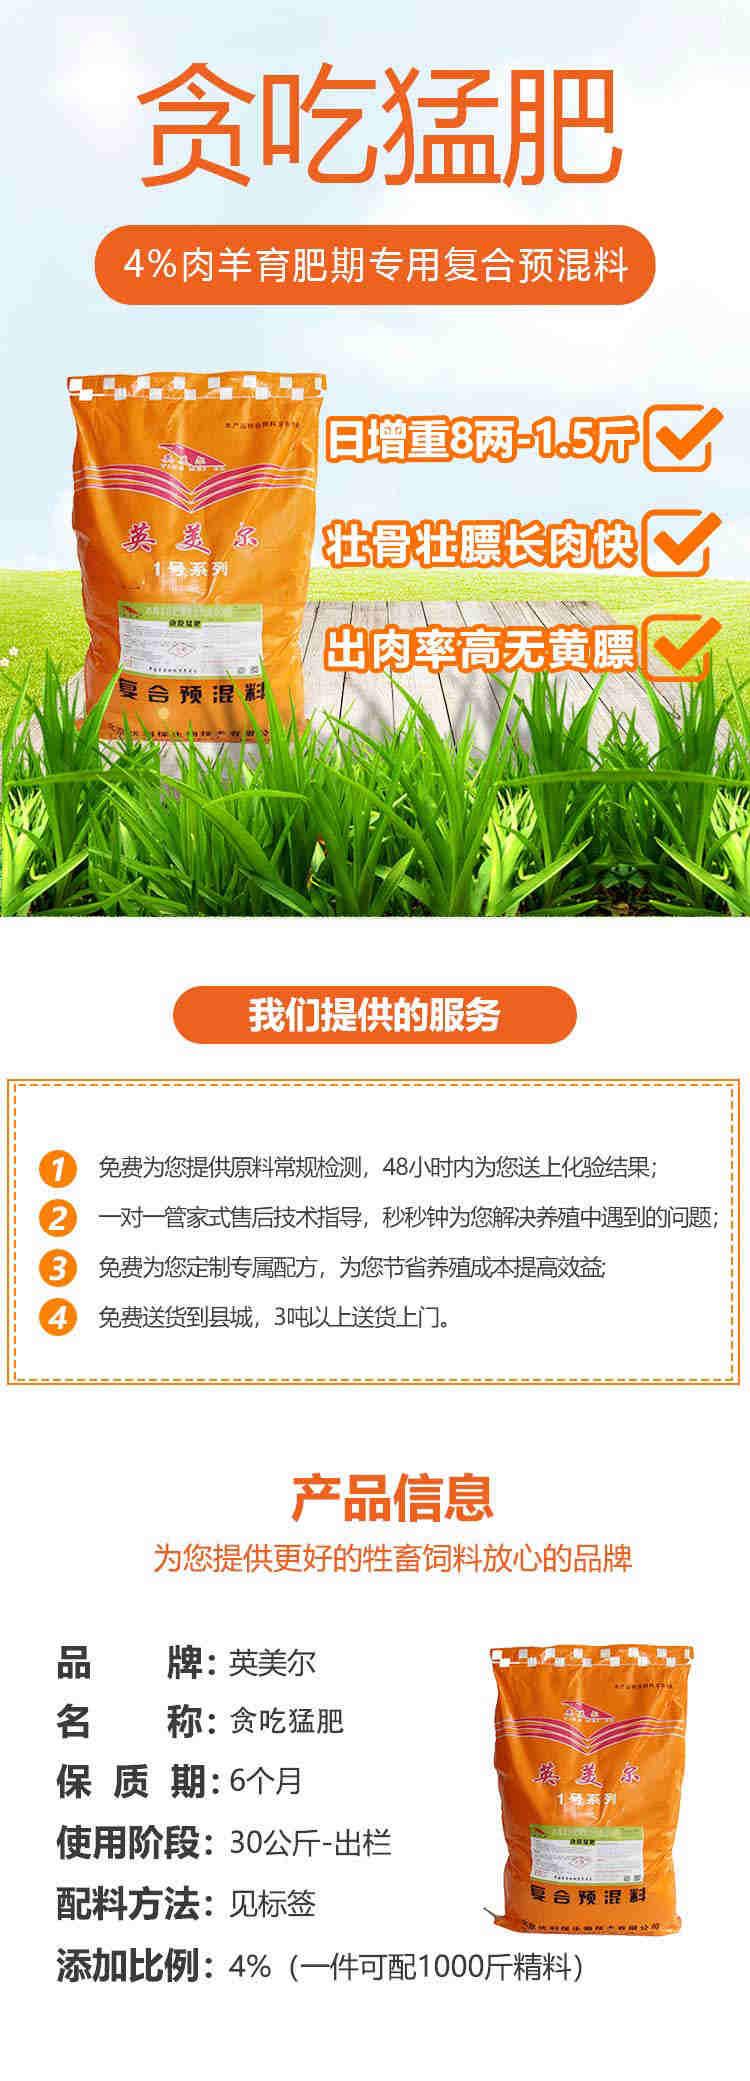 (育肥羊饲料添加剂)育肥羊饲料添加剂_肥西饲料代理商